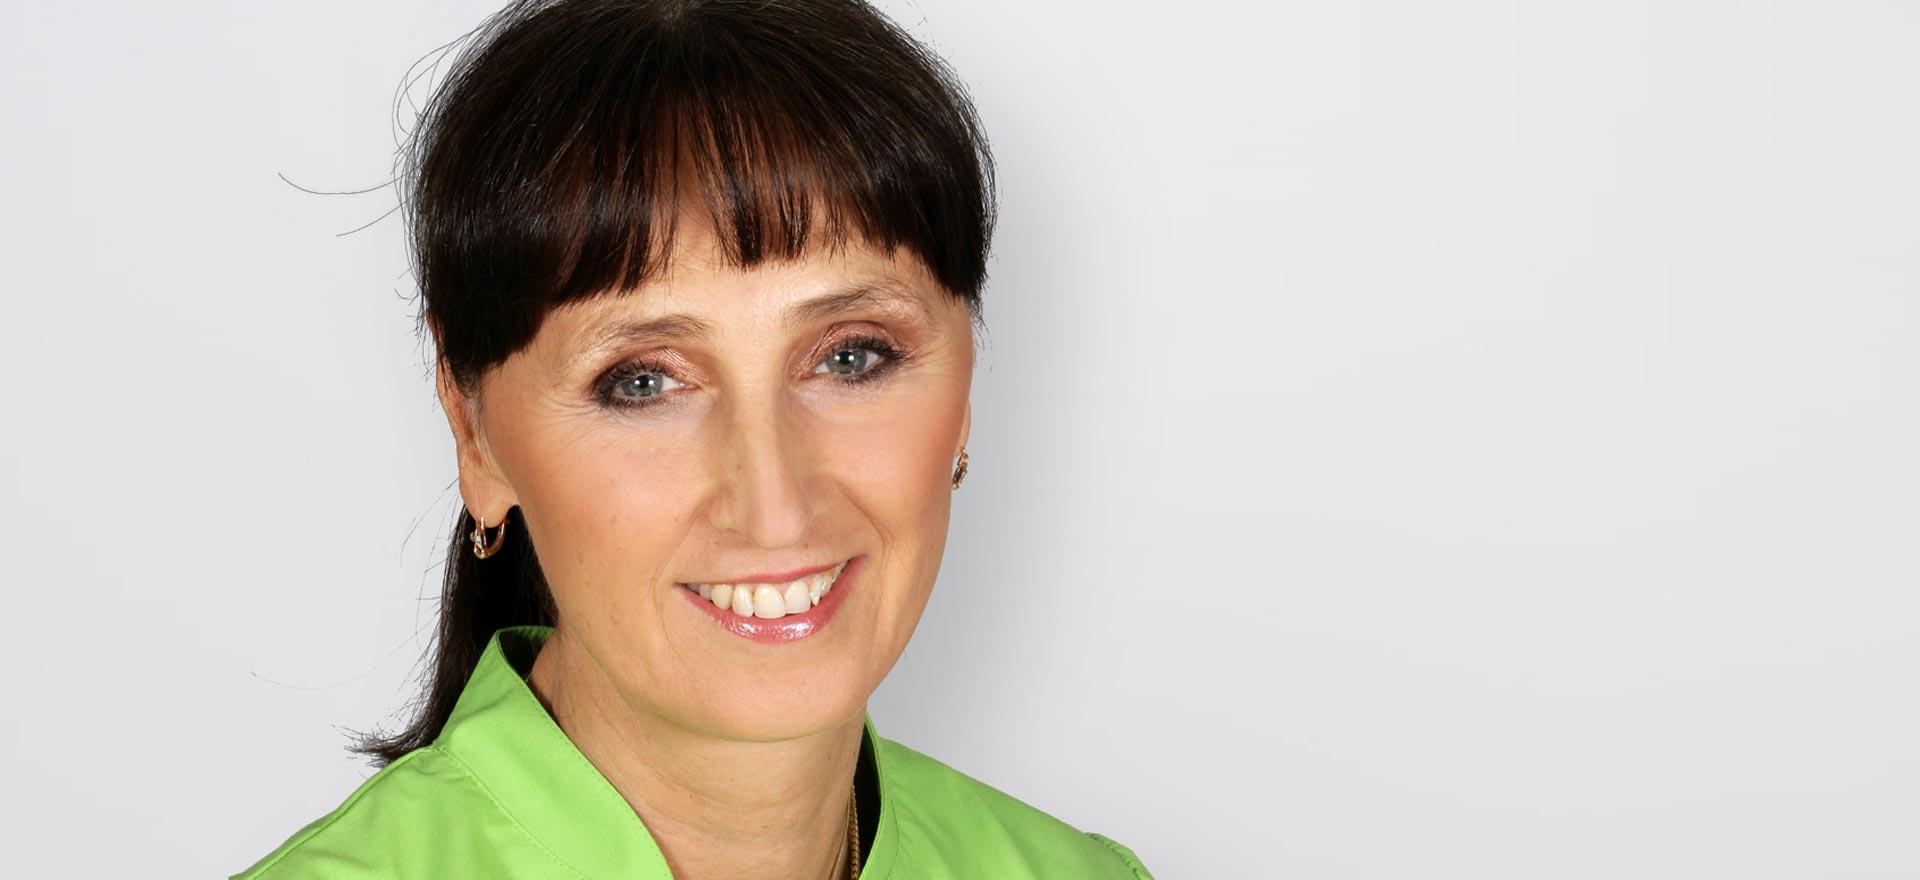 Zahnärztin Dr. Irina Brzenska lächelt in die Kamera.